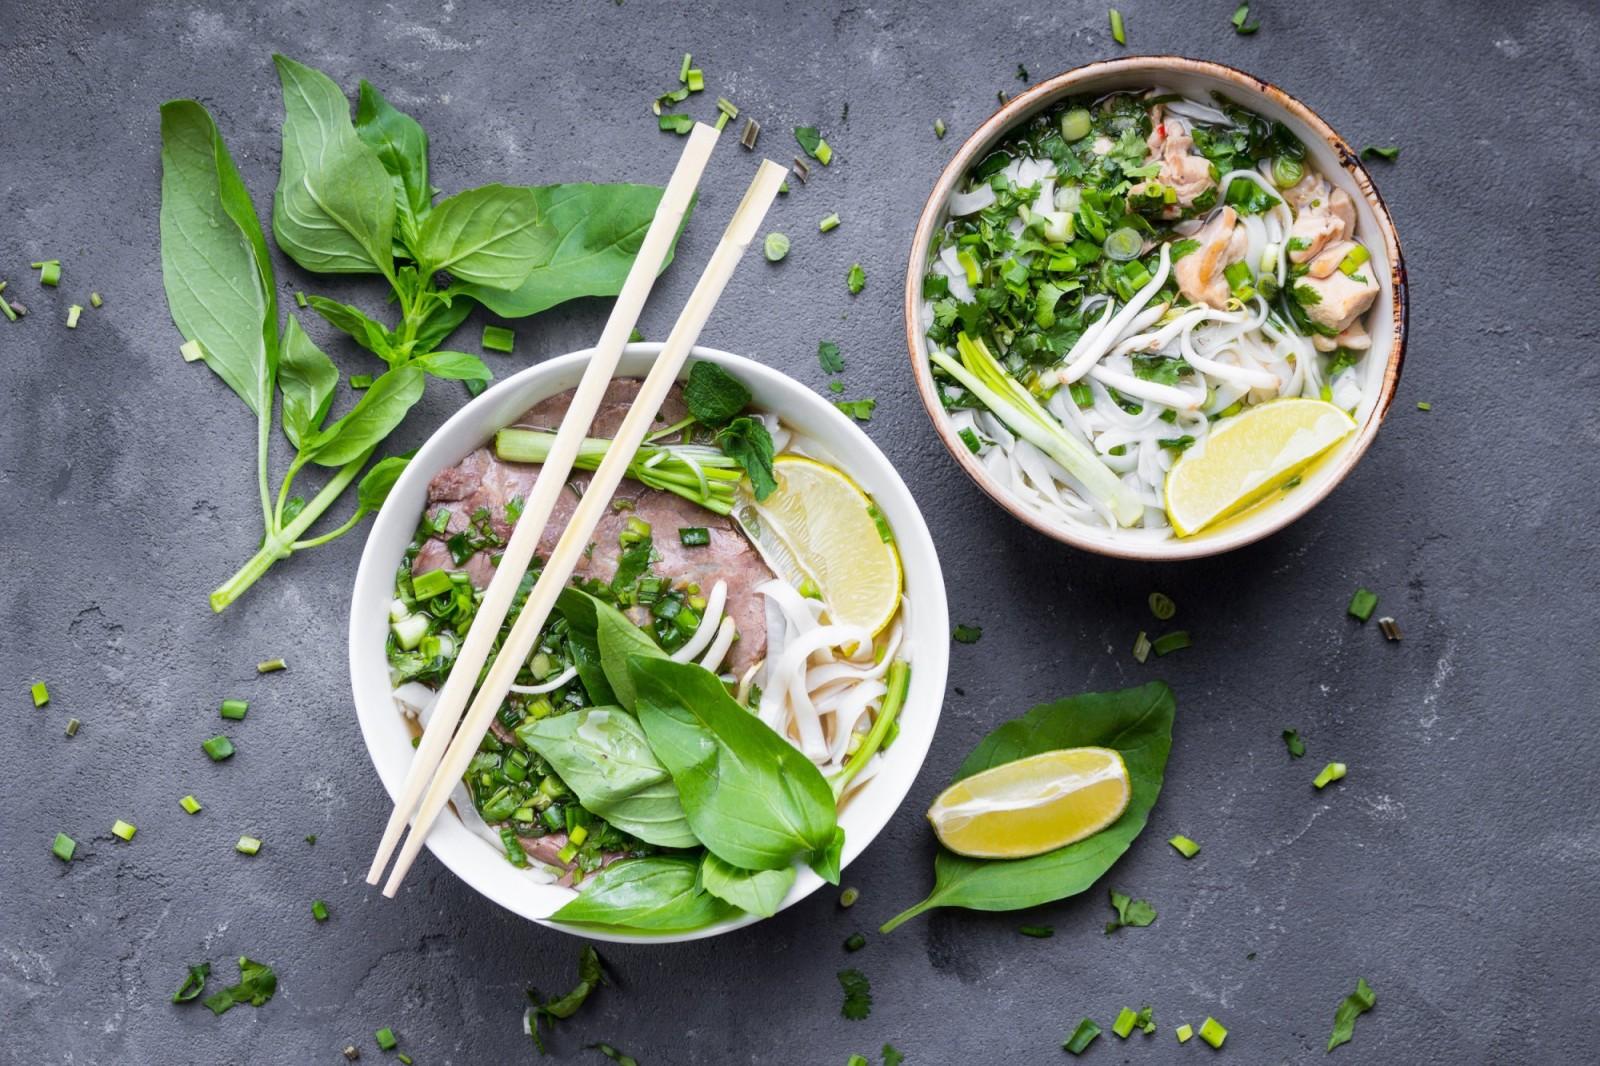 TigerChef - Vietnam Asiatisch Kochkurse